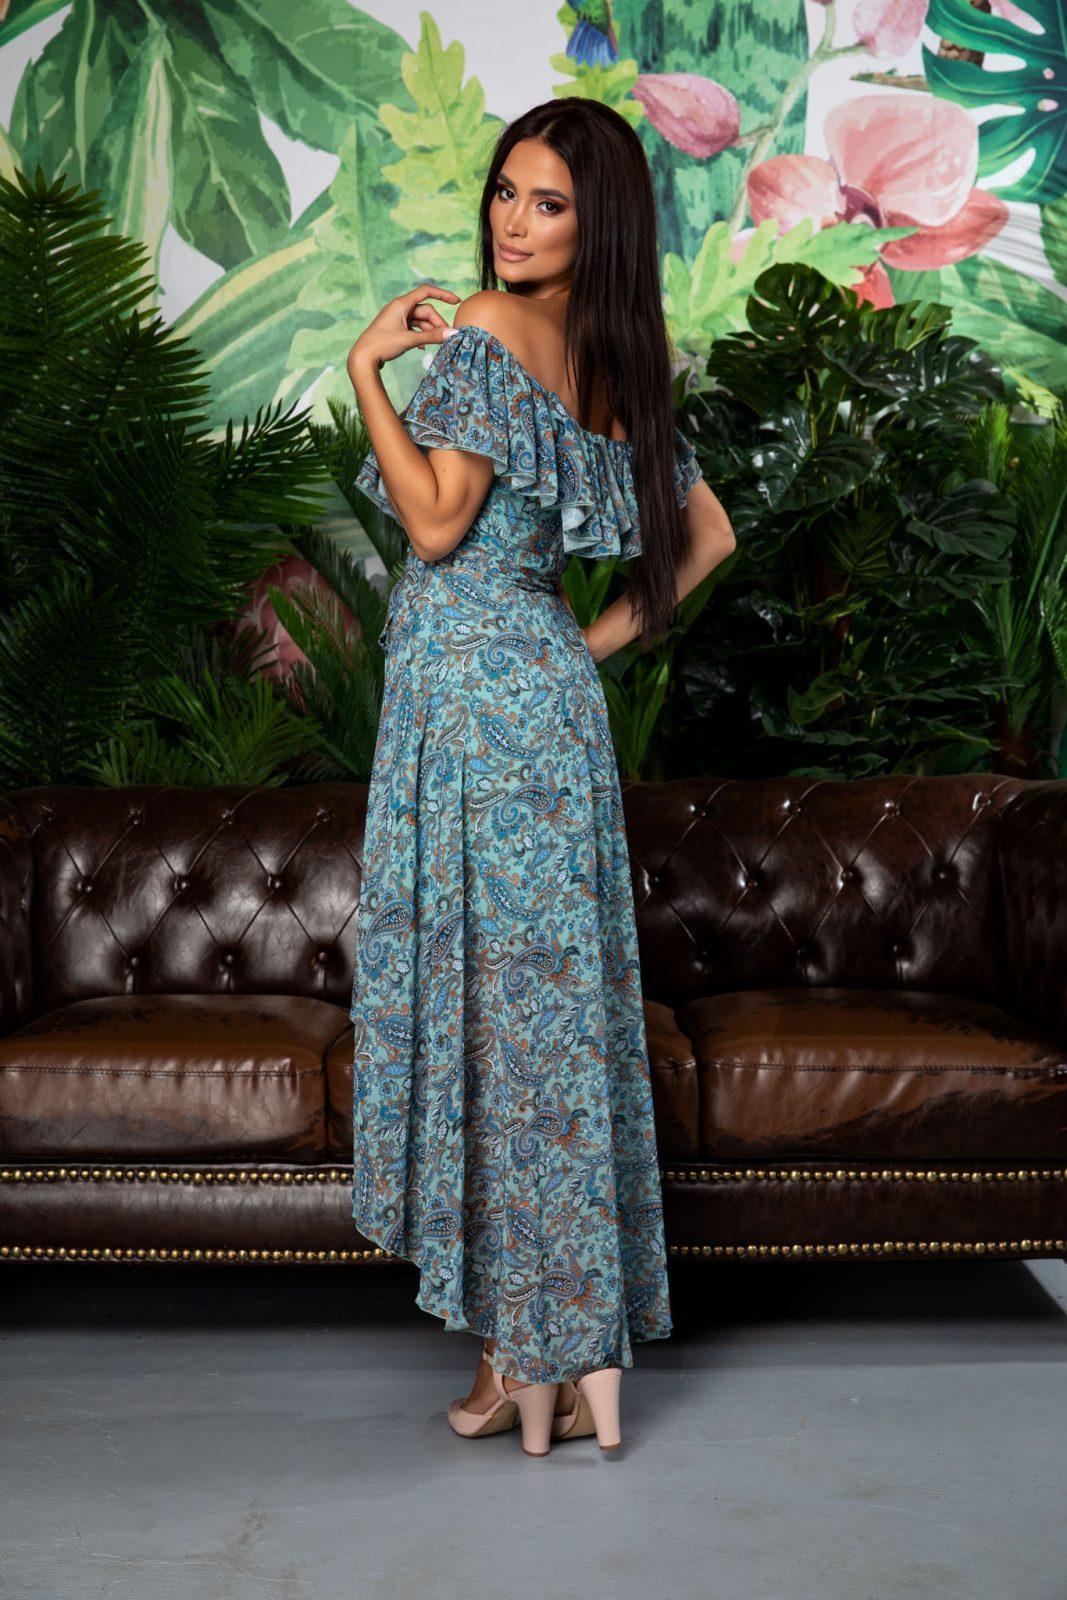 Φόρεμα Λαχούρι Με Βολάν Yolanda A292 1